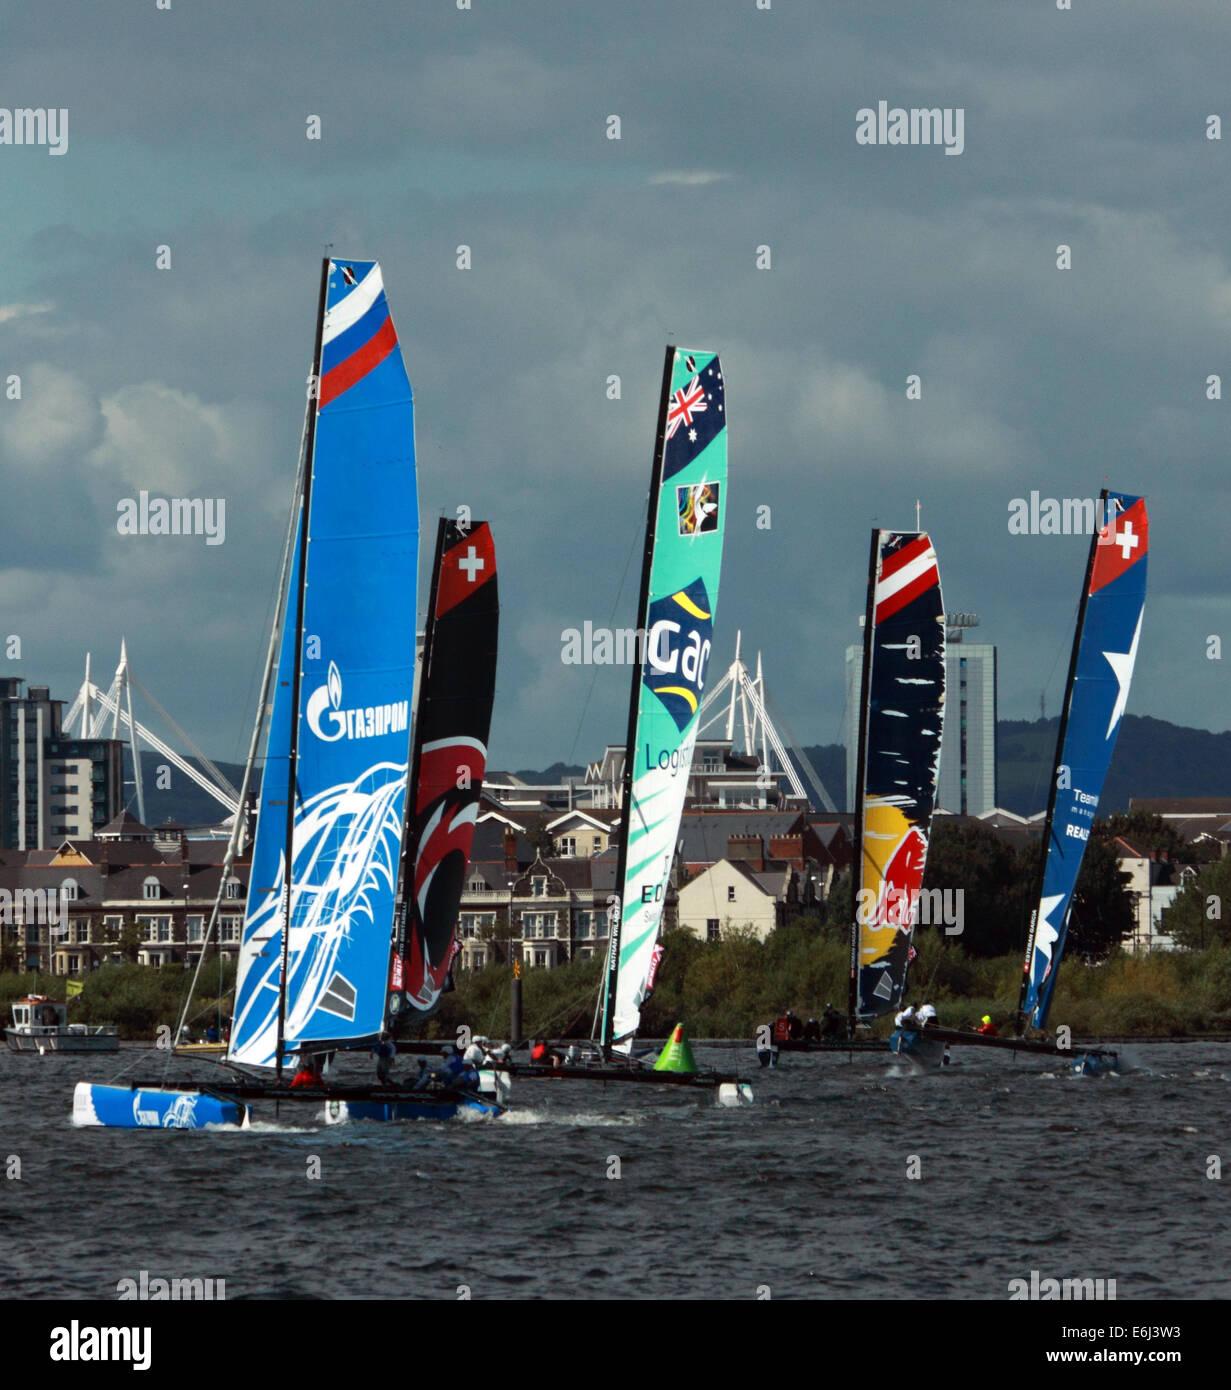 Los catamaranes que toman parte en la extrema evento náutico en la Bahía de Cardiff, el 23 de agosto de Imagen De Stock